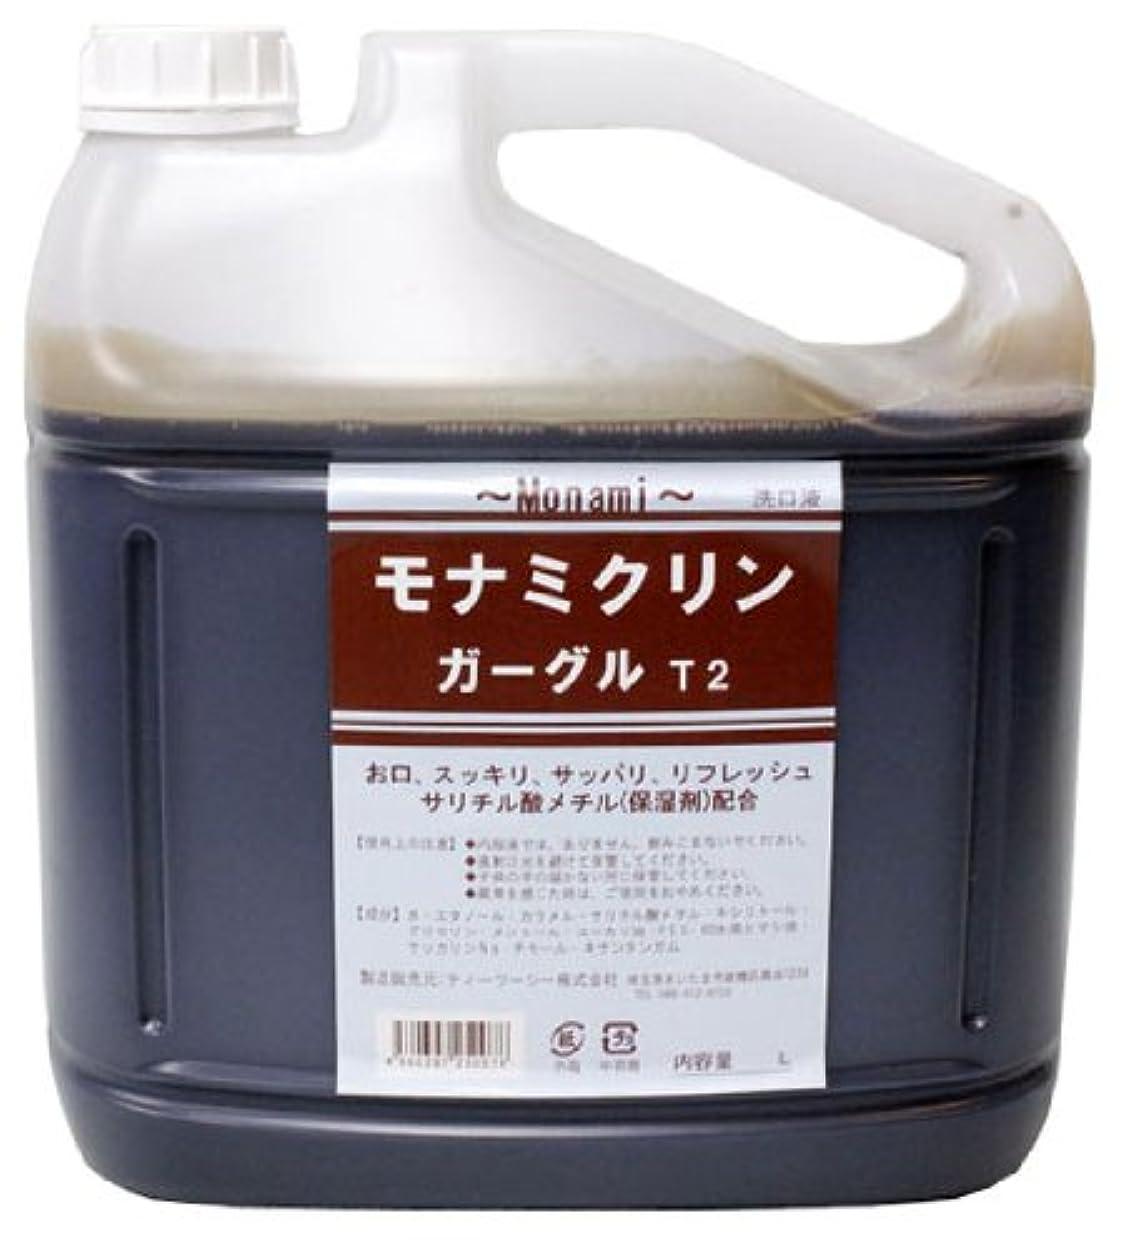 人里離れた銅雨【業務用】モナミ クリンガーグルT2 5リットル サリチル酸メチル配合